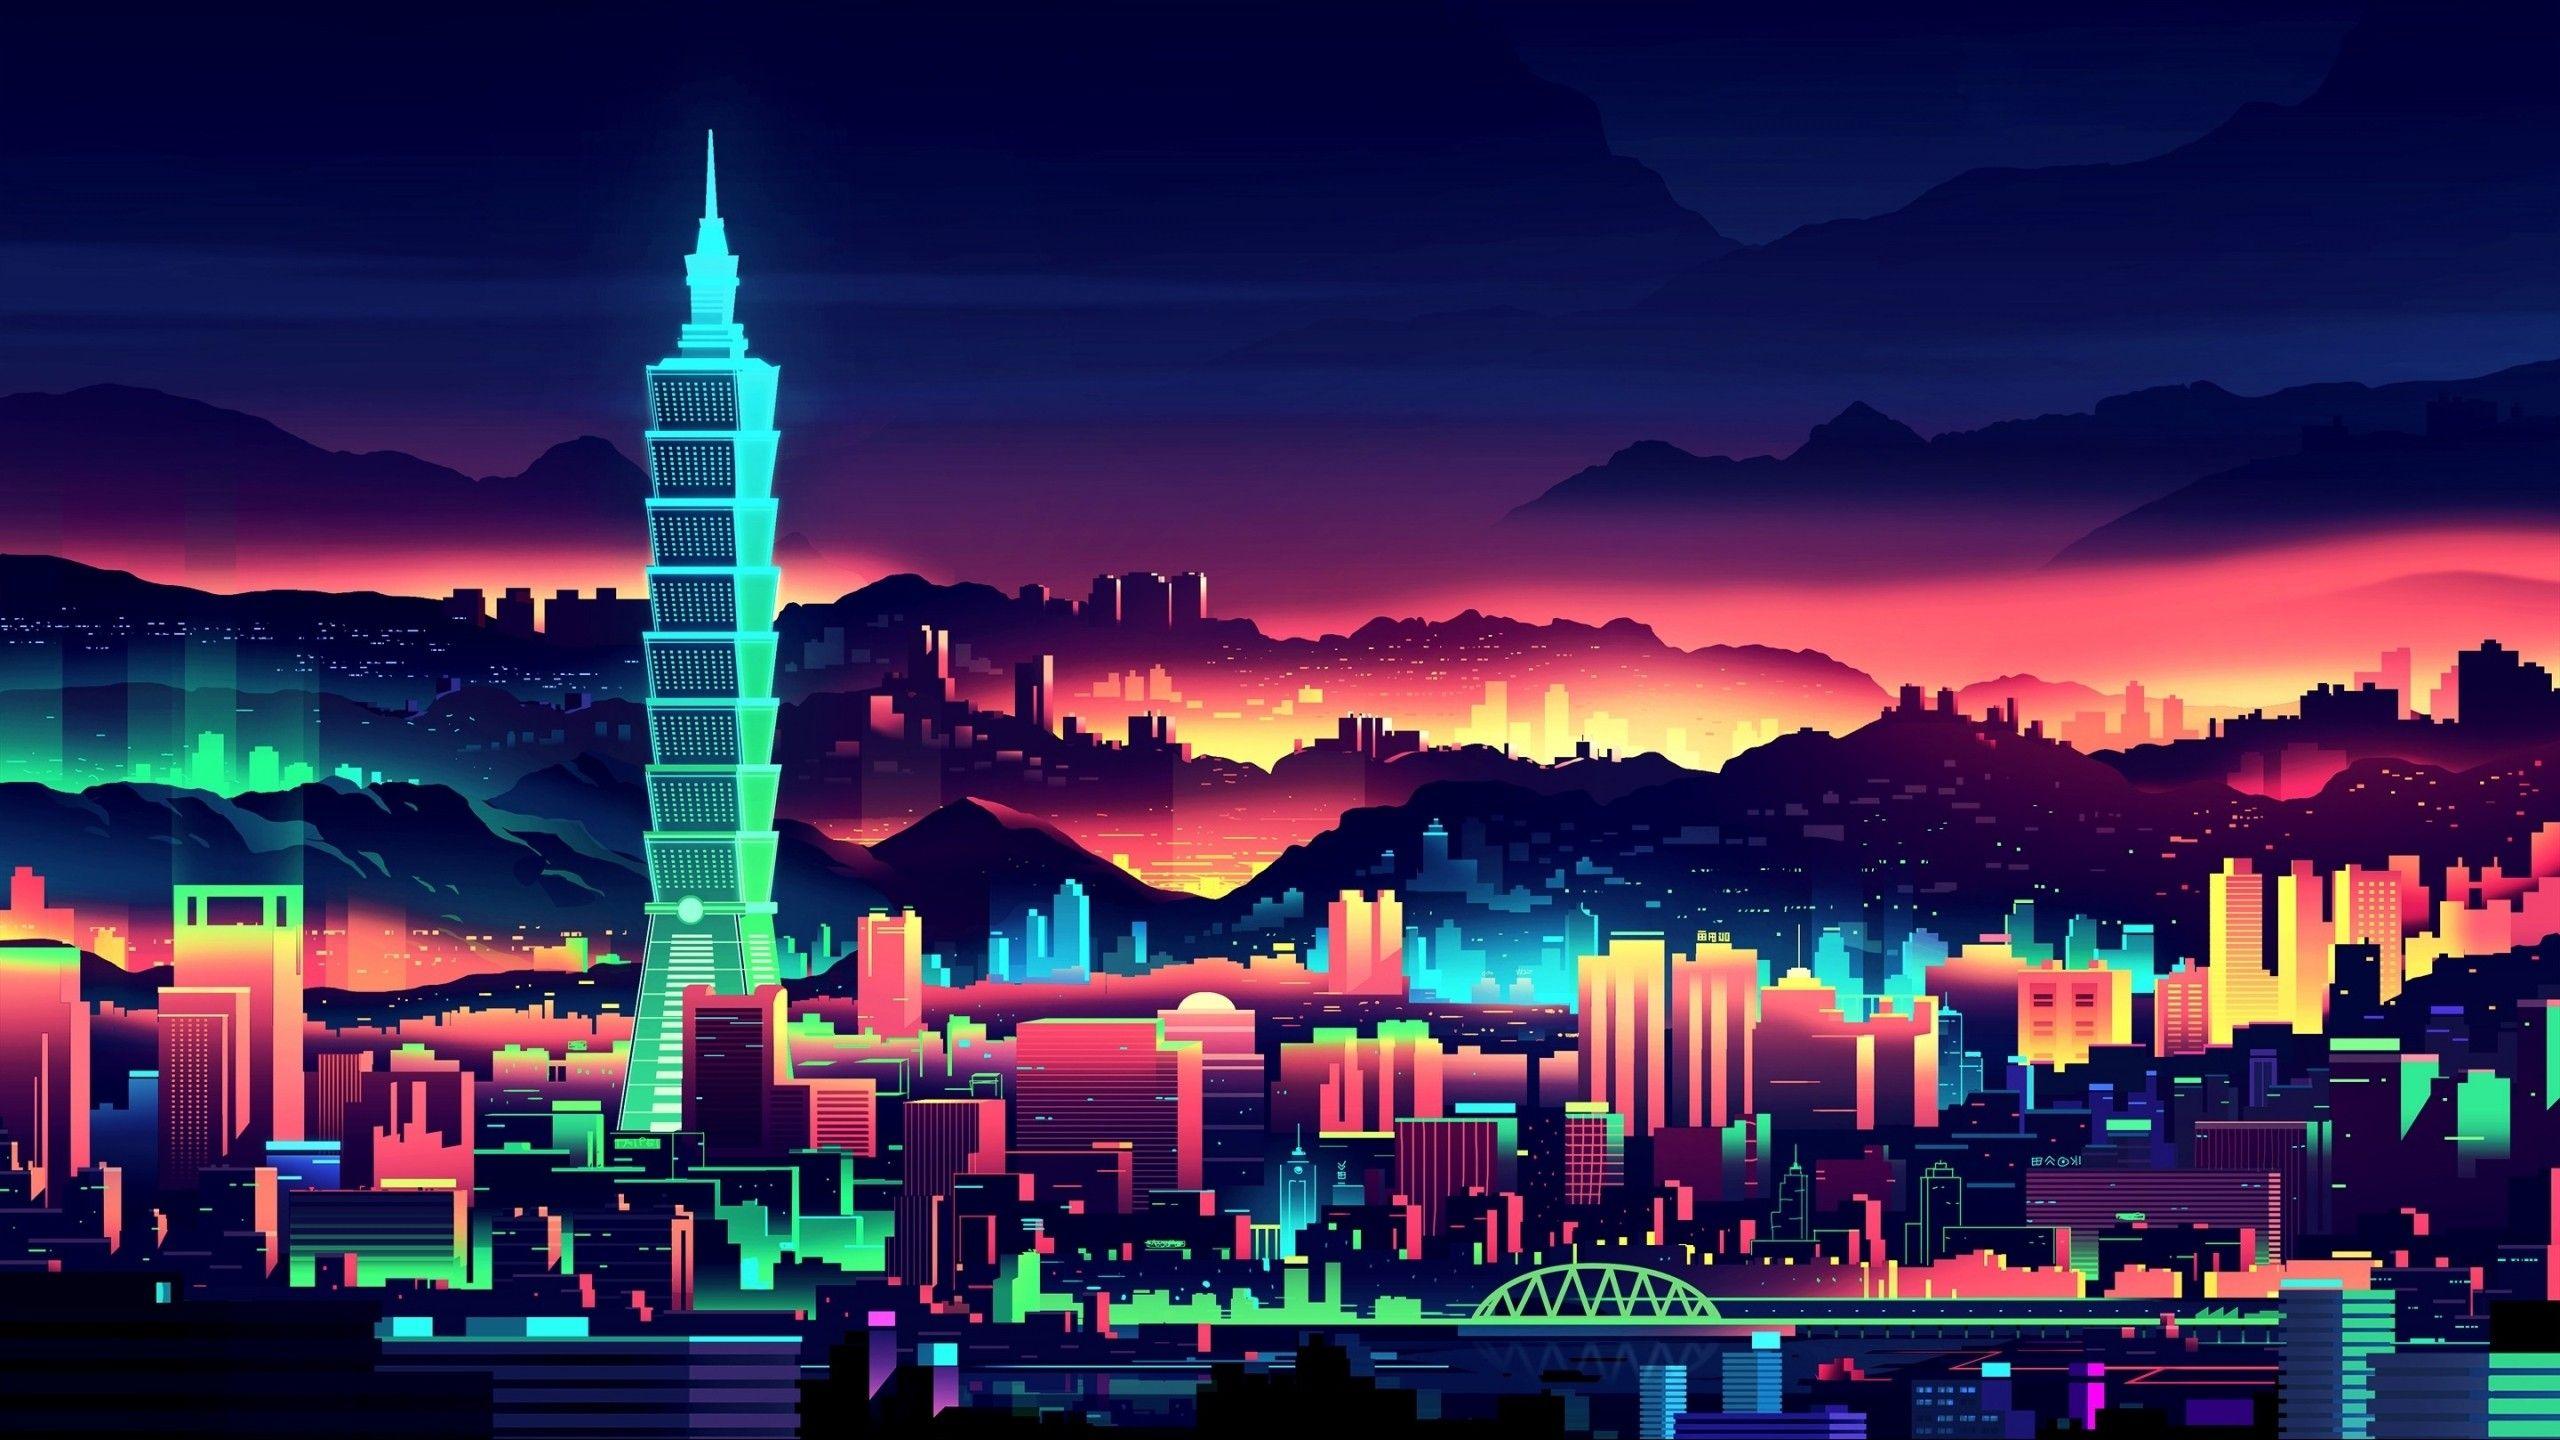 2560 X 1440 Wallpaper Dump Imgur Vaporwave Wallpaper Neon Wallpaper City Wallpaper